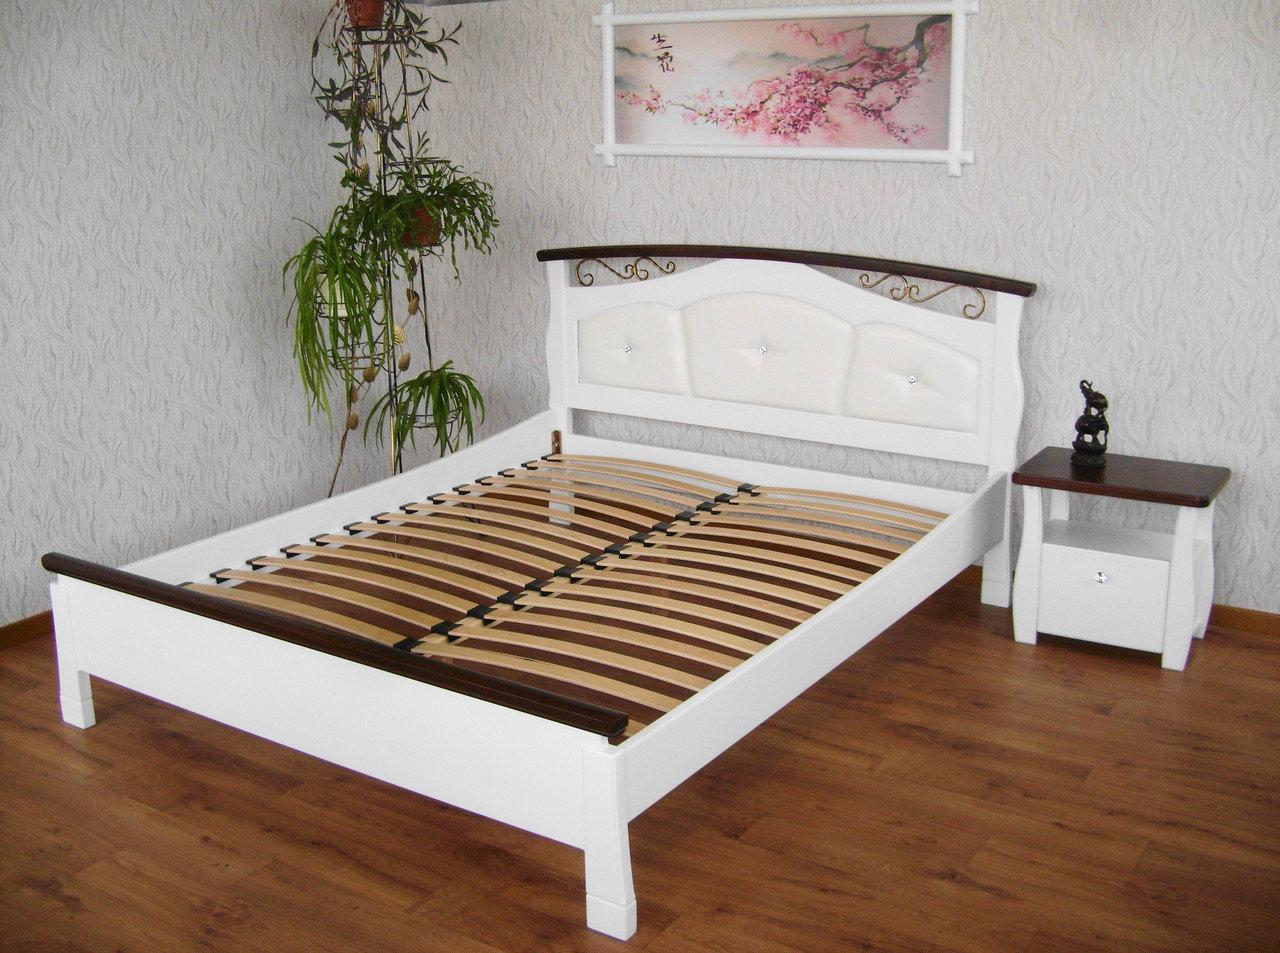 Кровать деревянная КРОВАТЬ Центр Констанция с мягким изголовьем сосна, ольха